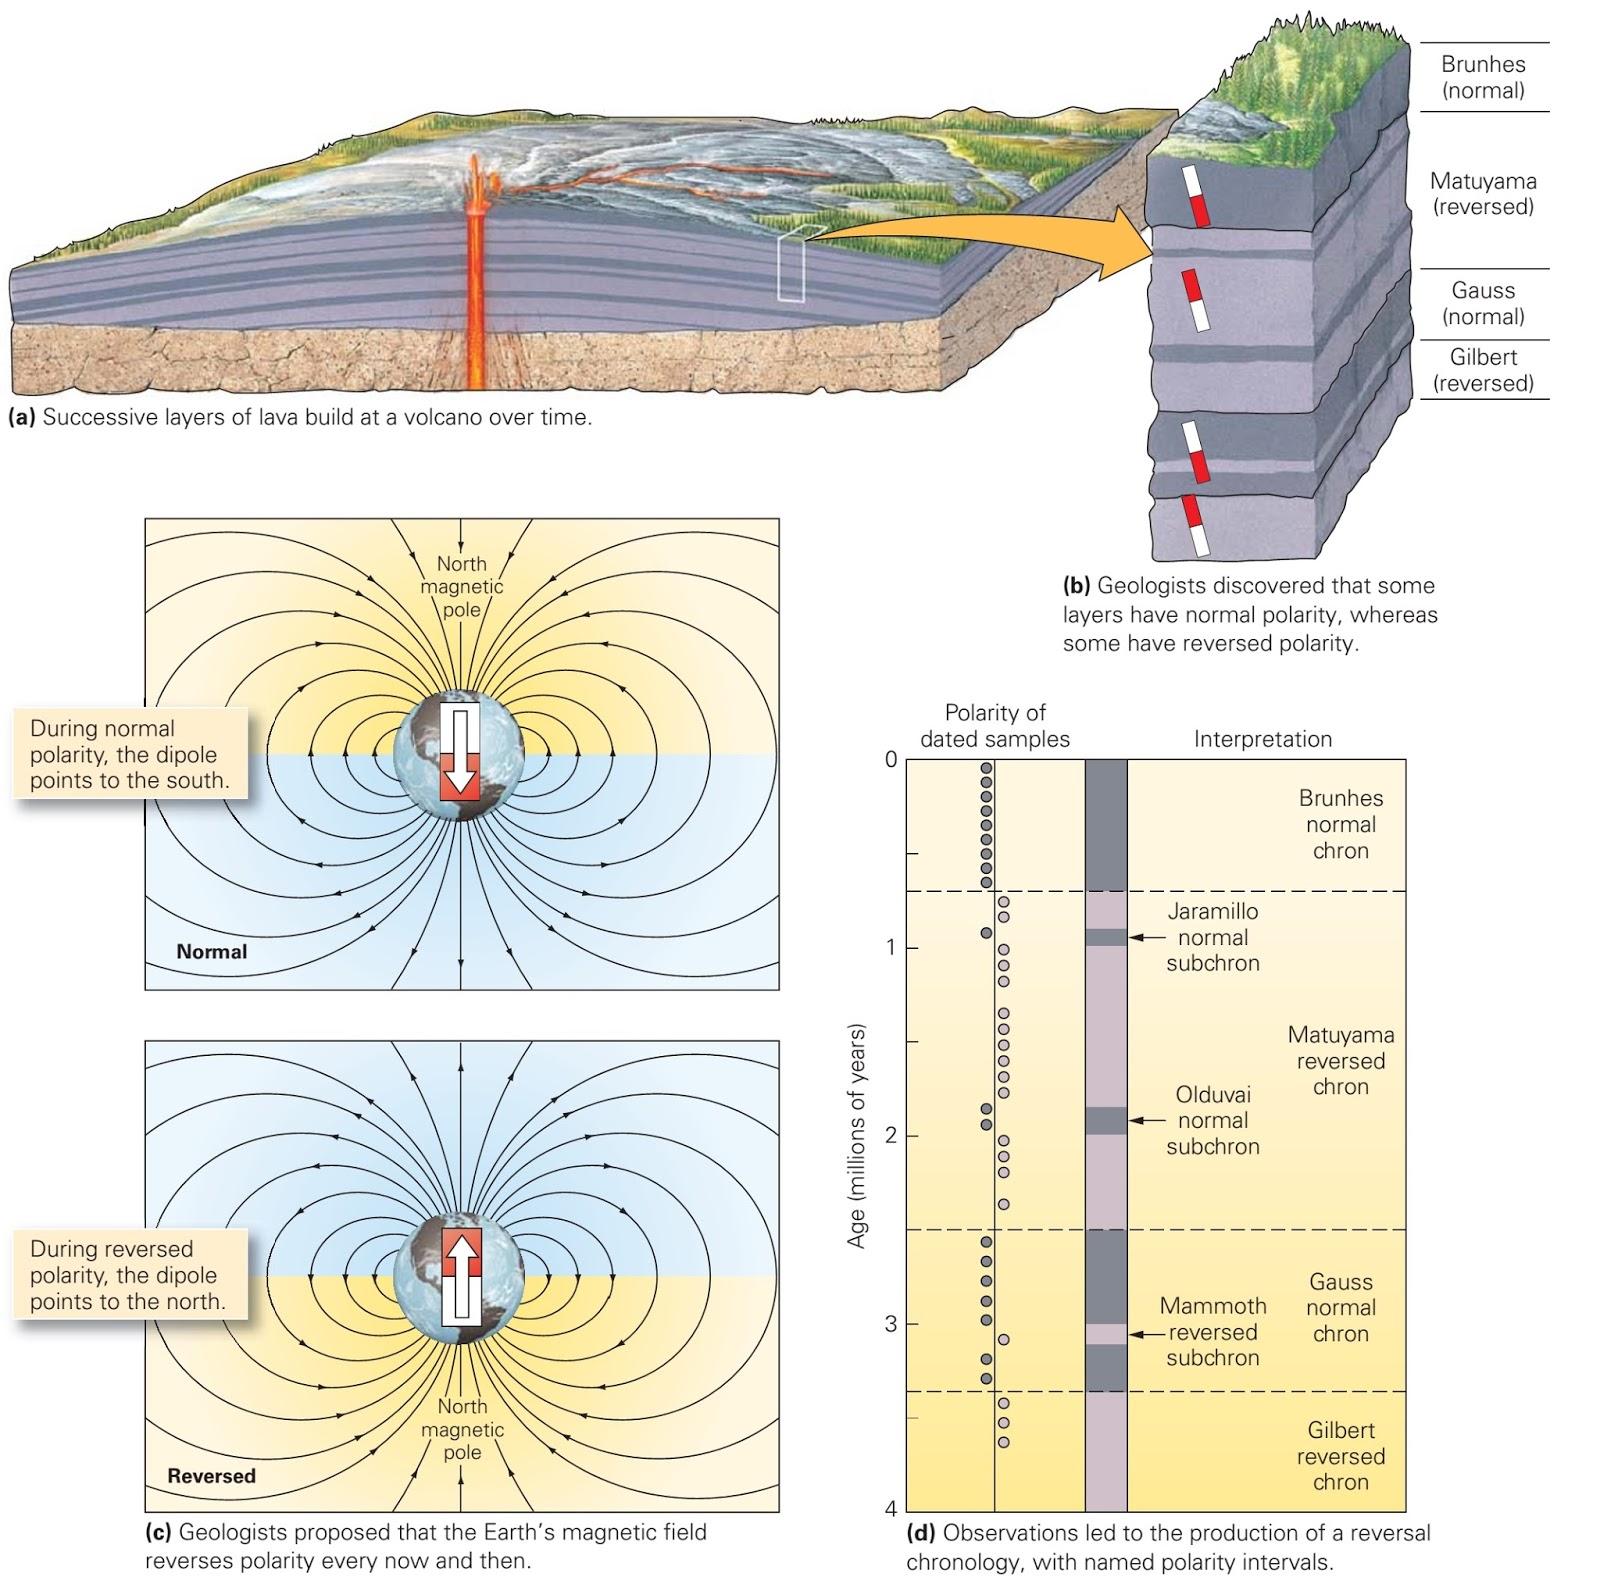 sea floor spreading labeled diagram ocean floor diagram evidence for sea floor spreading [ 1600 x 1584 Pixel ]